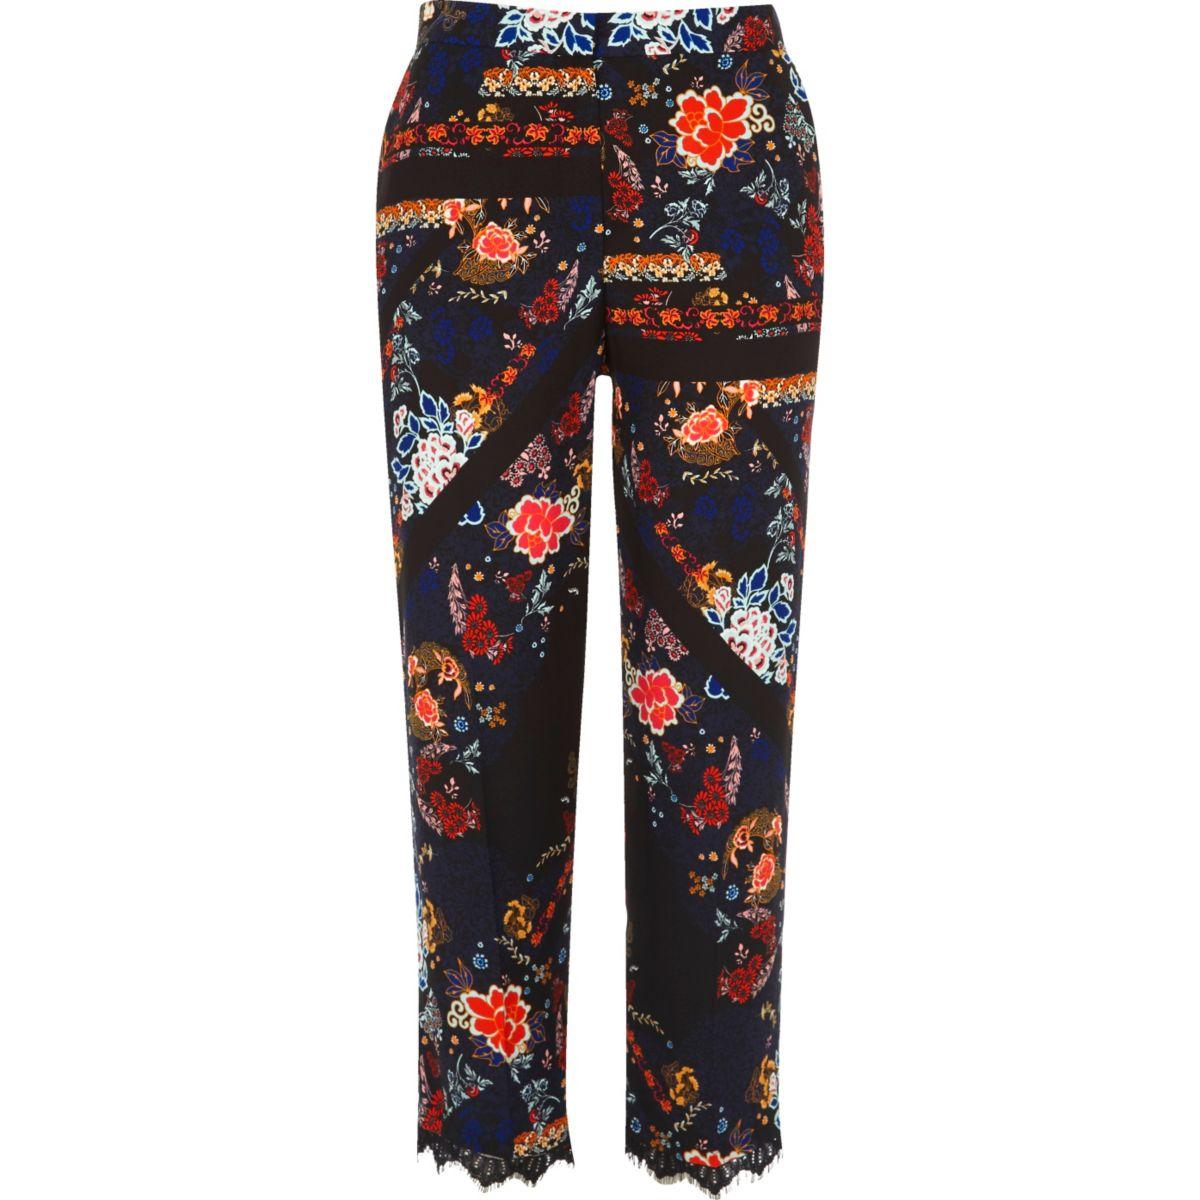 Black lace hem floral print pants